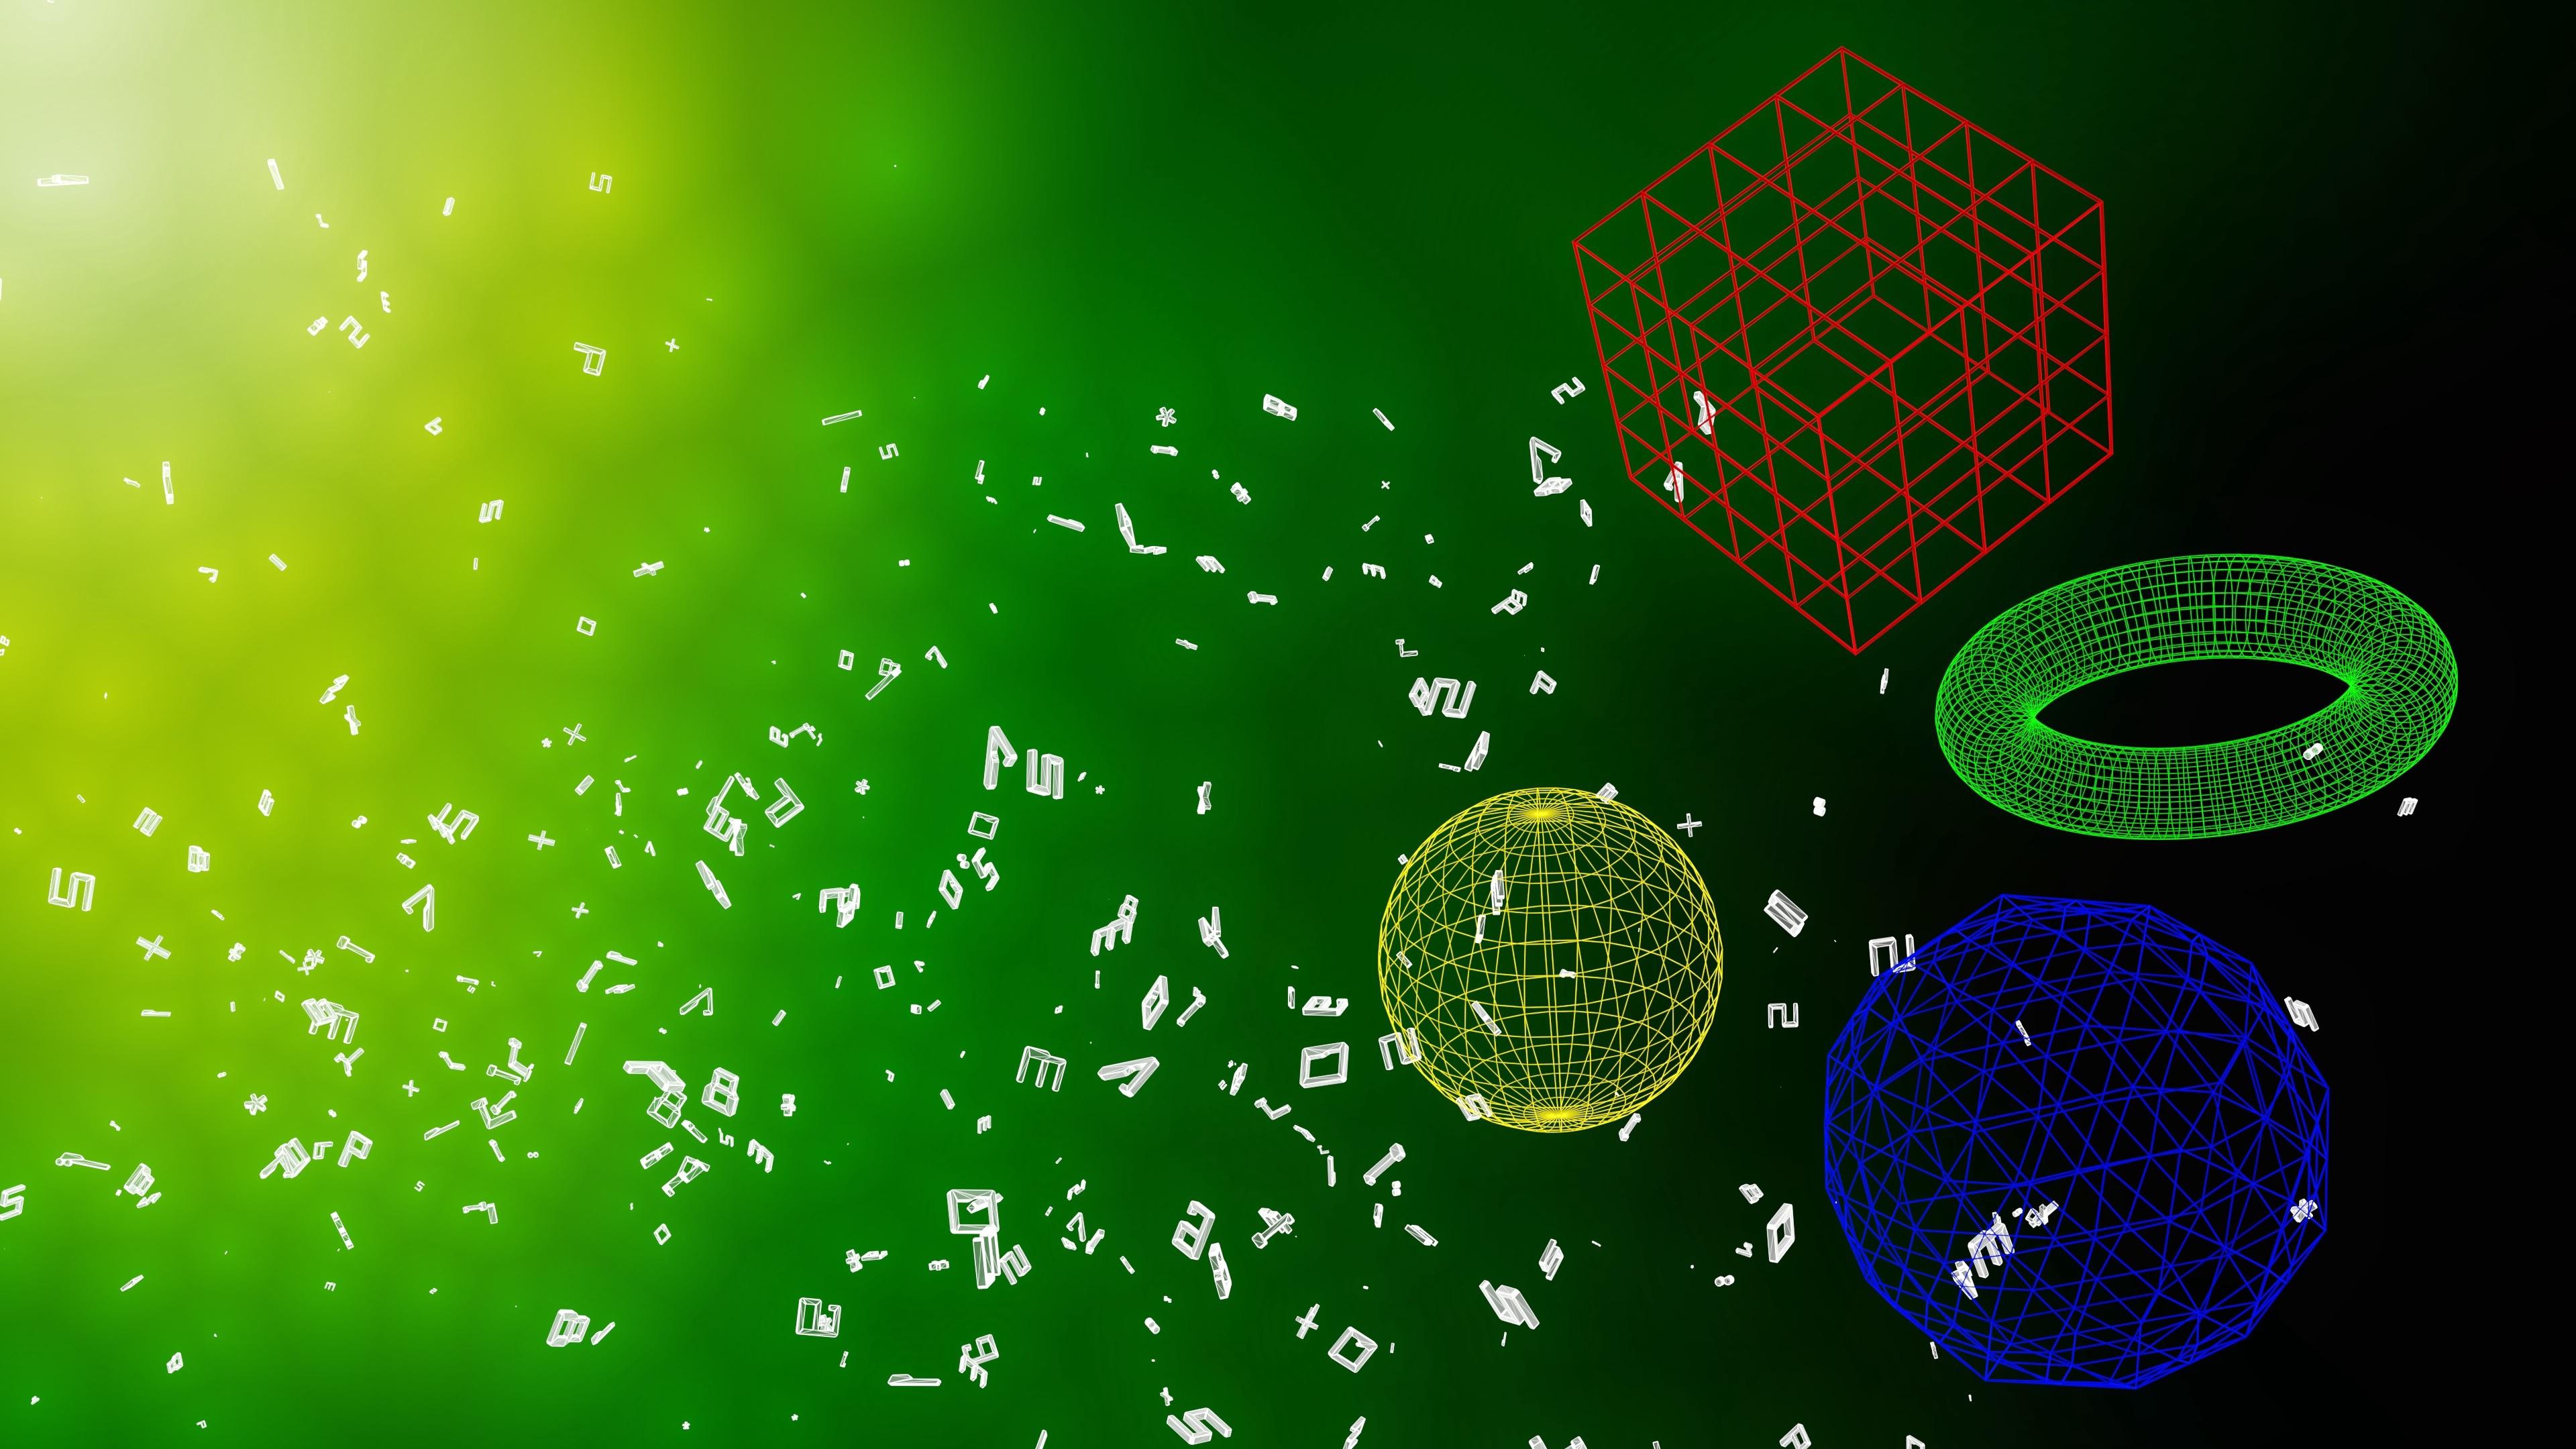 geometric shapes shapes letters 4k 1536854931 - geometric shapes, shapes, letters 4k - Shapes, Letters, geometric shapes